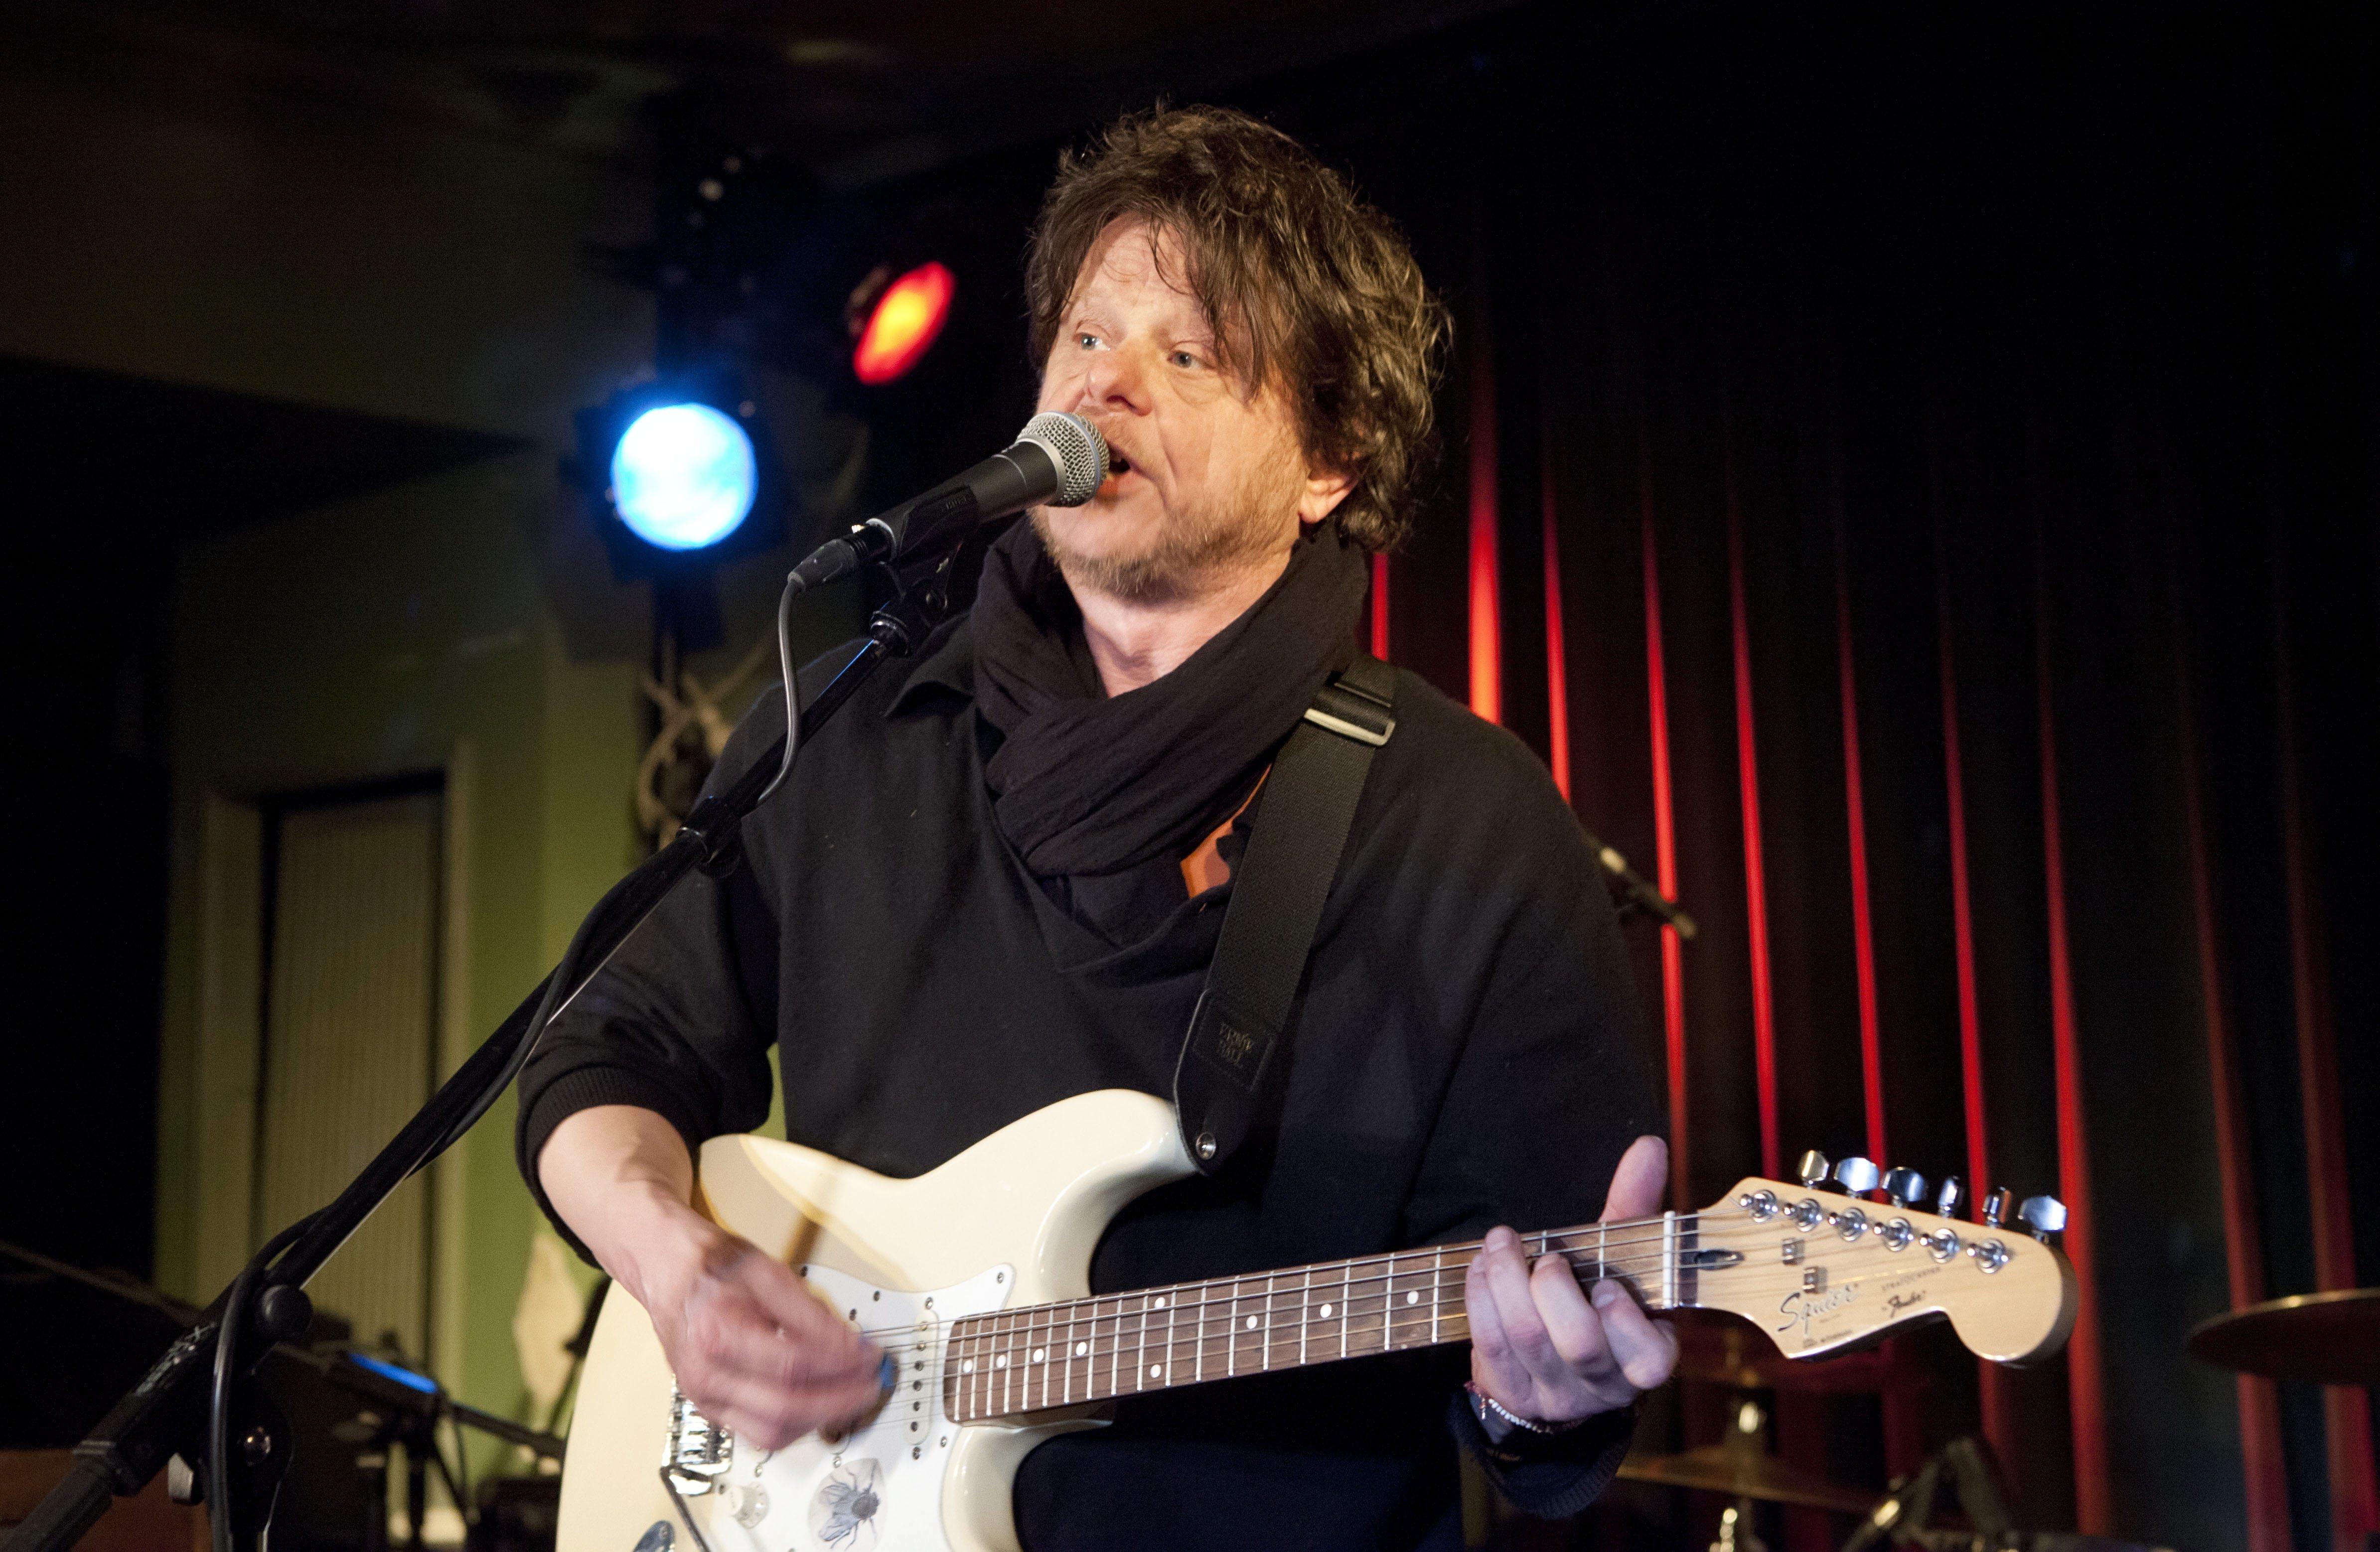 Saenger Tom Liwa mit seiner Band Flowerpornoes bei einem Konzert im Gruenen Salon der Volksbuehne in Berlin.